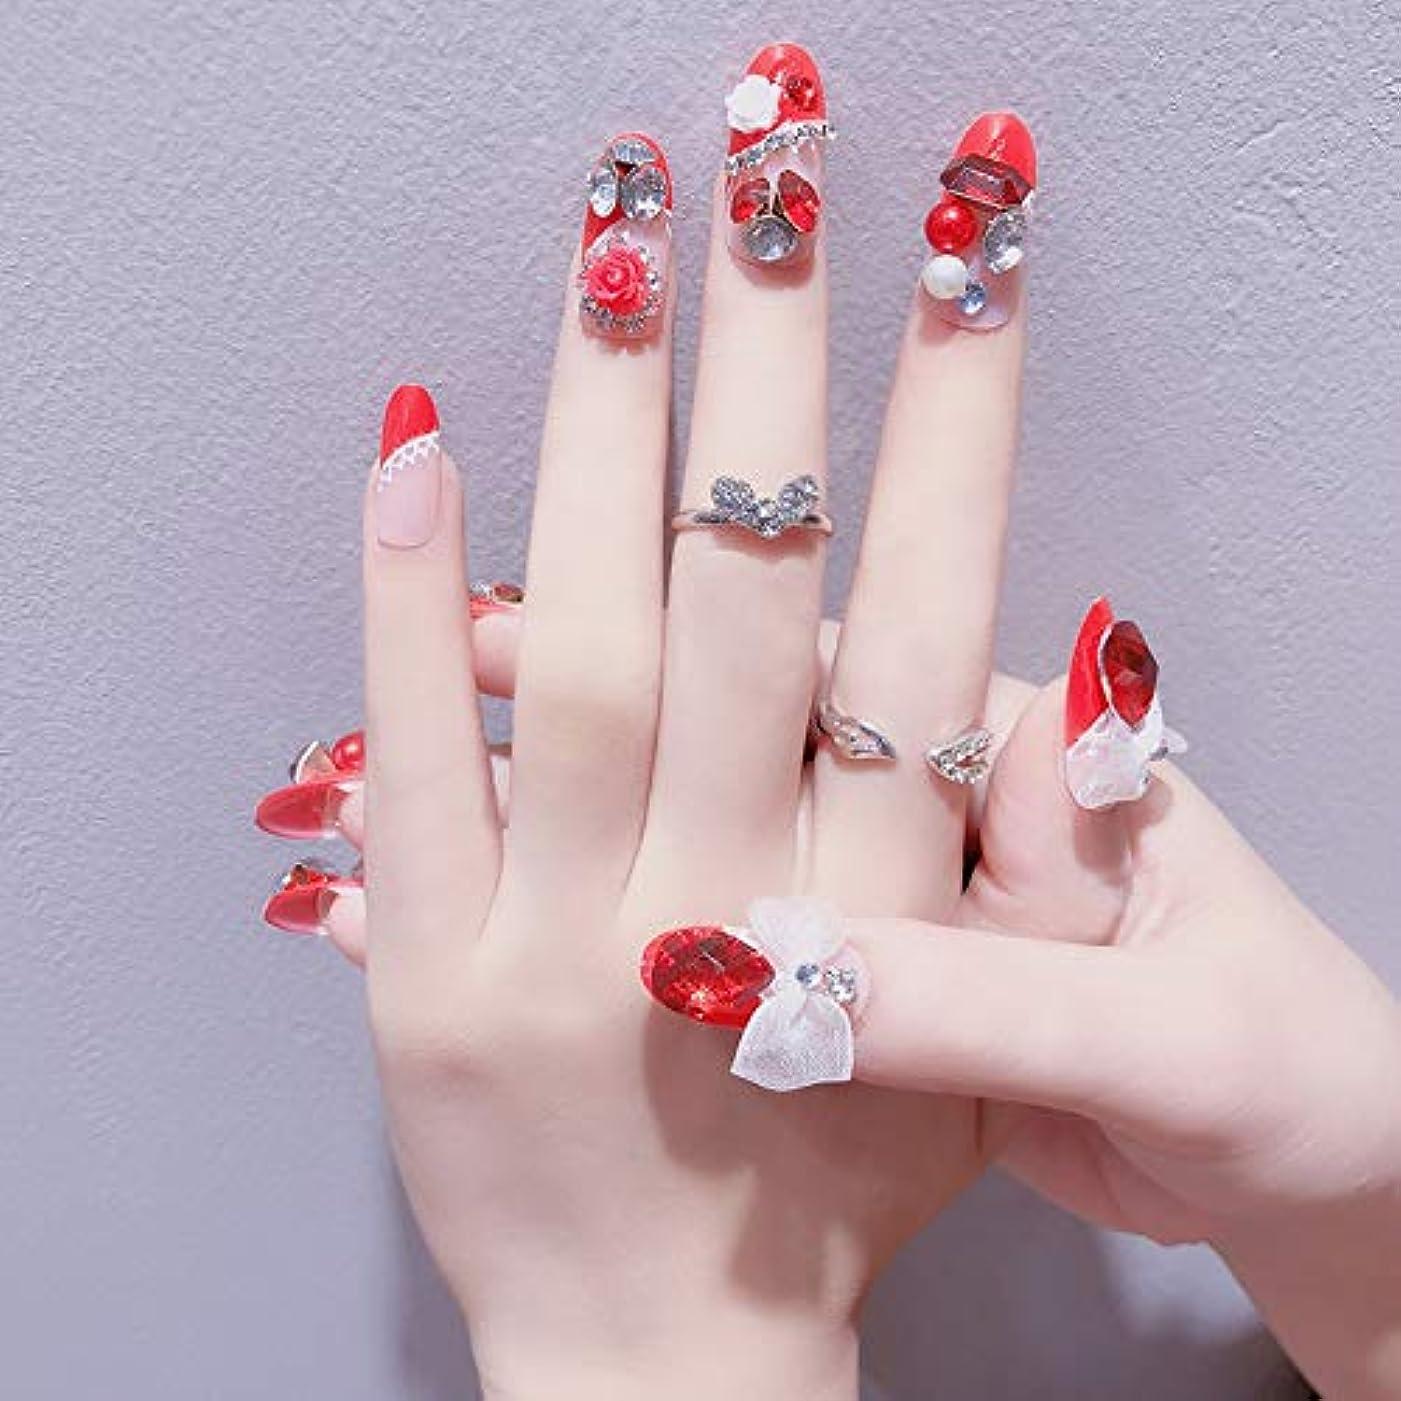 リア王ホイットニー敏感な豪华なつけ爪 眩しいつけ爪 ネイルチップ ブルー ラインストーンリボンが輝く 24枚組セット 結婚式、パーティー、二次会などに ネイルアート (AF08)